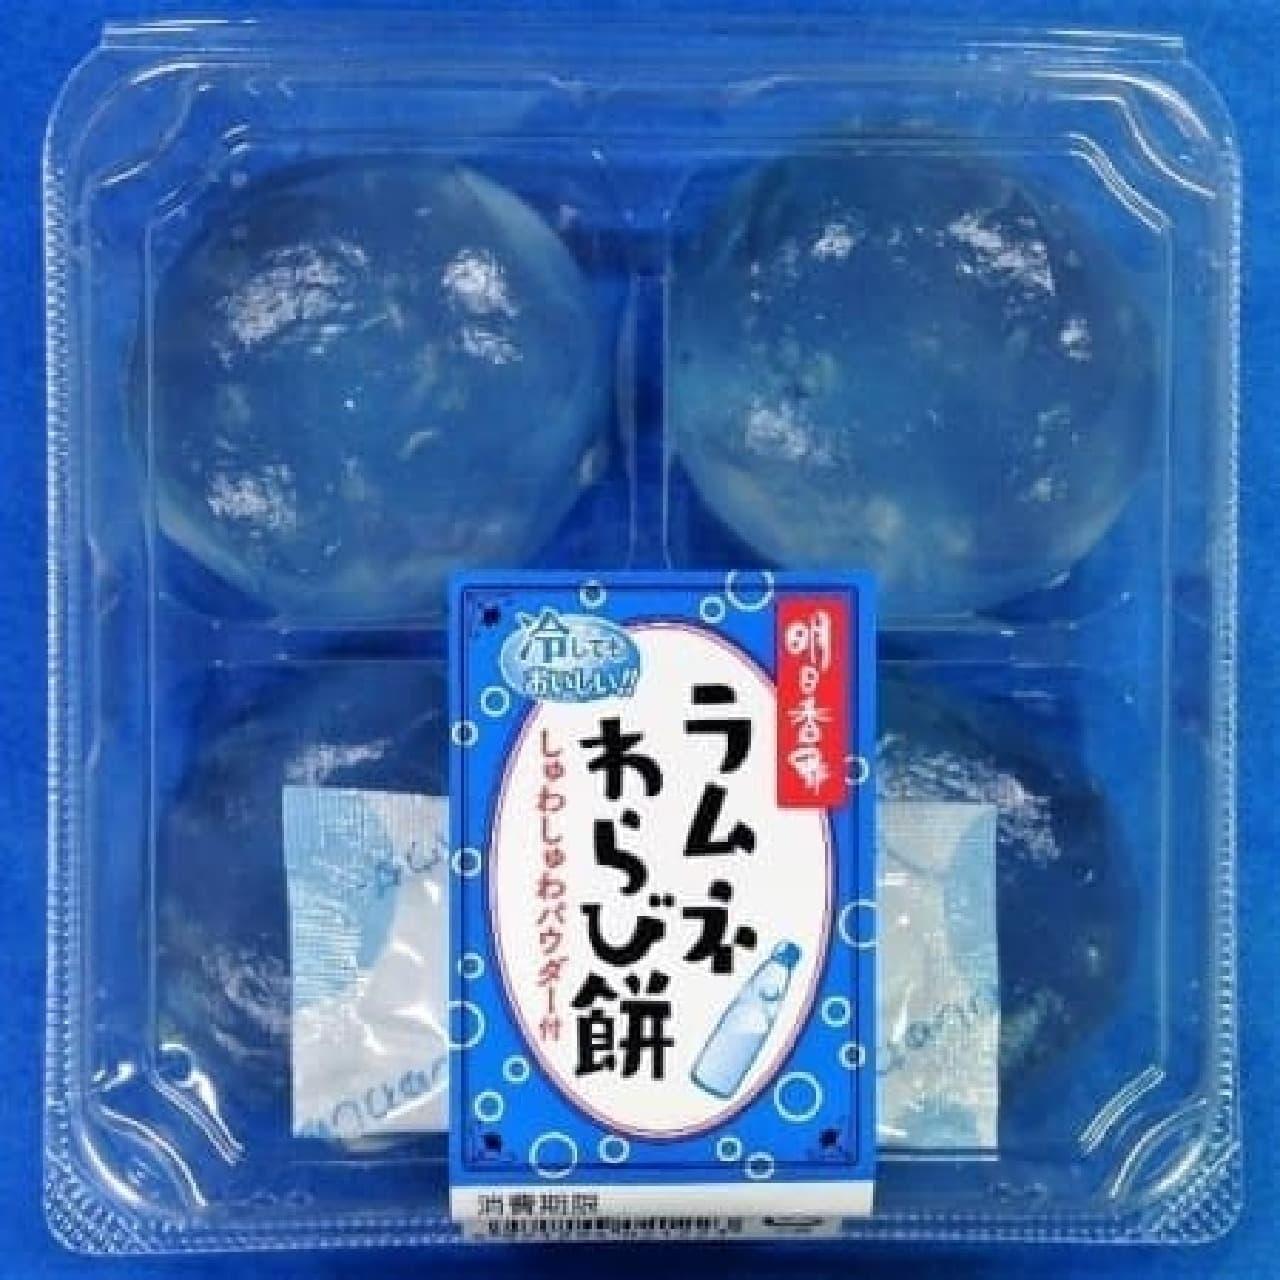 明日香食品「ラムネわらび餅」